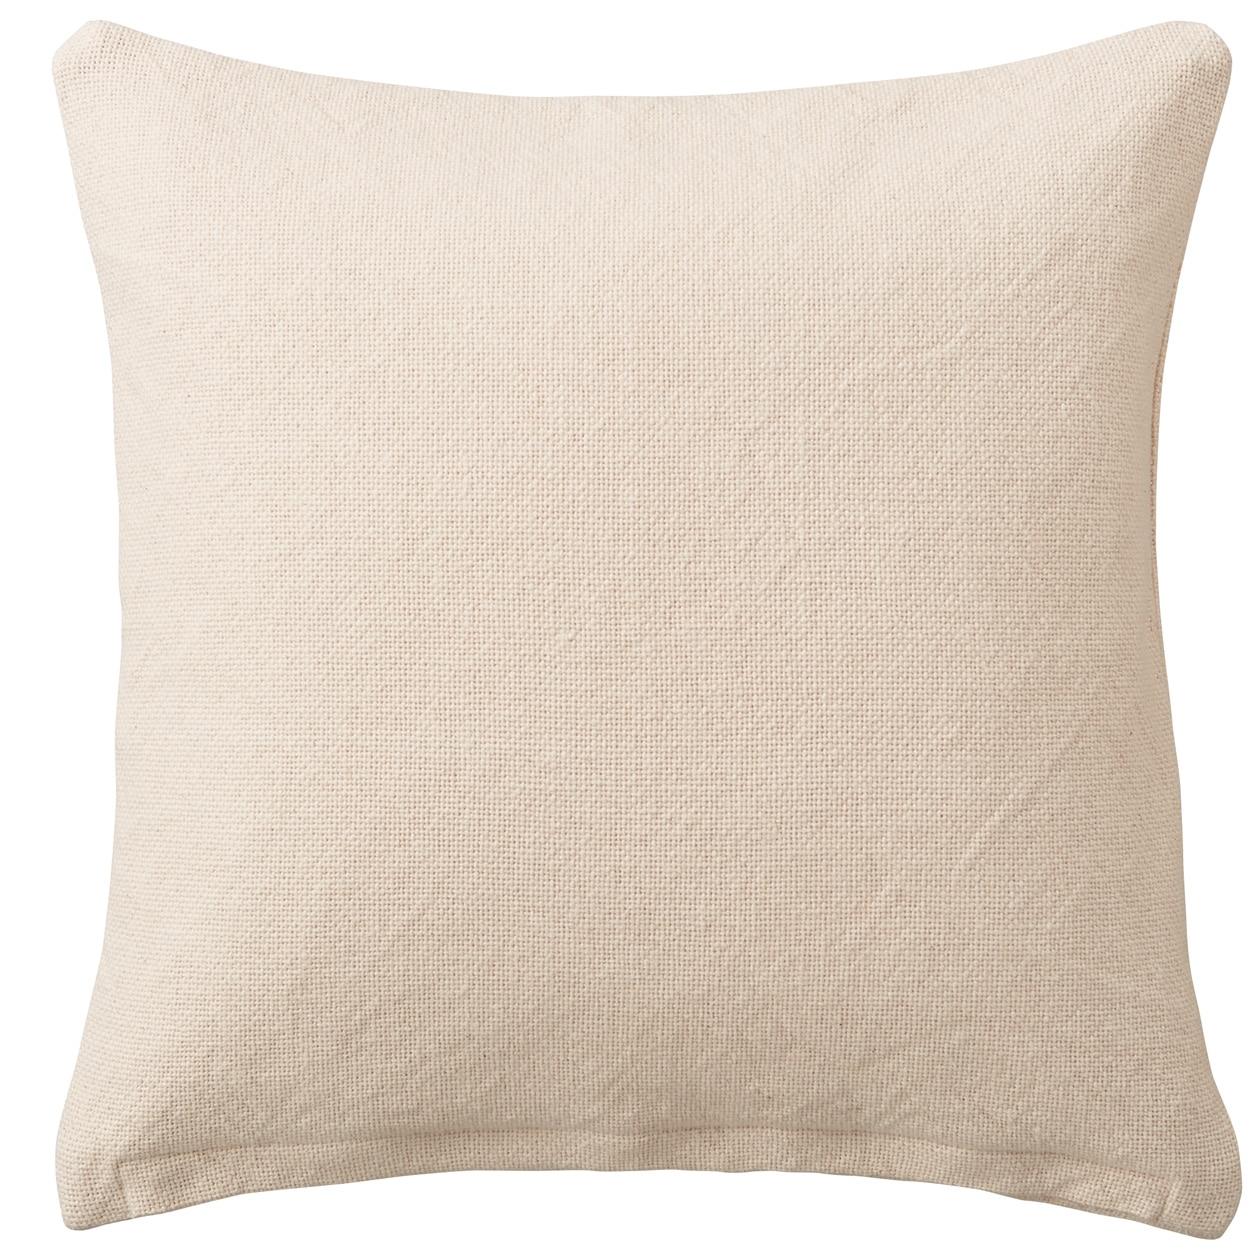 インド綿太番手平織クッションカバー/生成